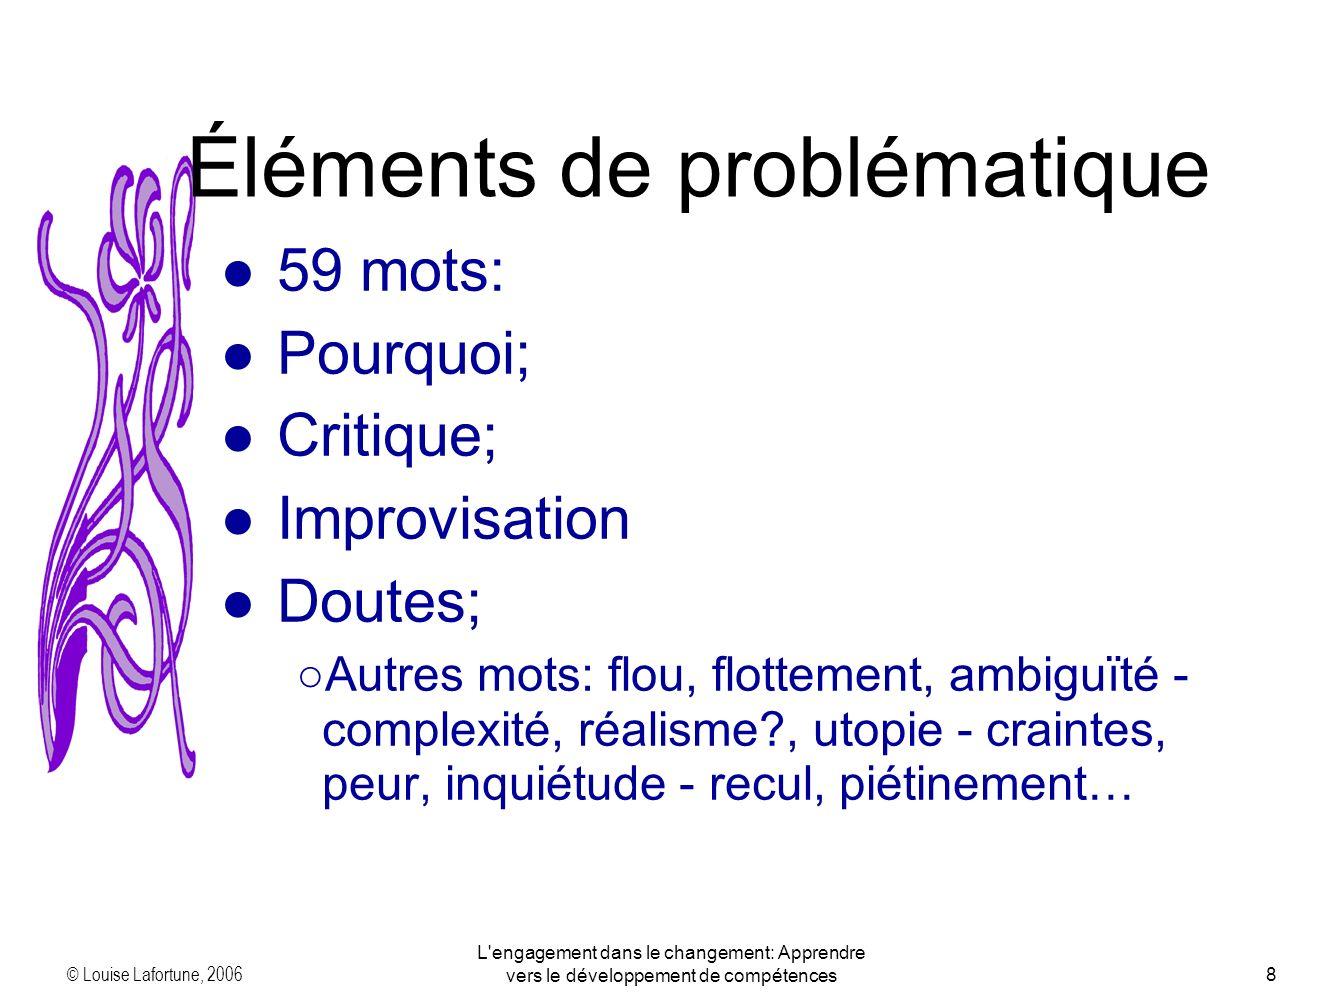 © Louise Lafortune, 2006 L engagement dans le changement: Apprendre vers le développement de compétences8 59 mots: Pourquoi; Critique; Improvisation Doutes; Autres mots: flou, flottement, ambiguïté - complexité, réalisme , utopie - craintes, peur, inquiétude - recul, piétinement… Éléments de problématique